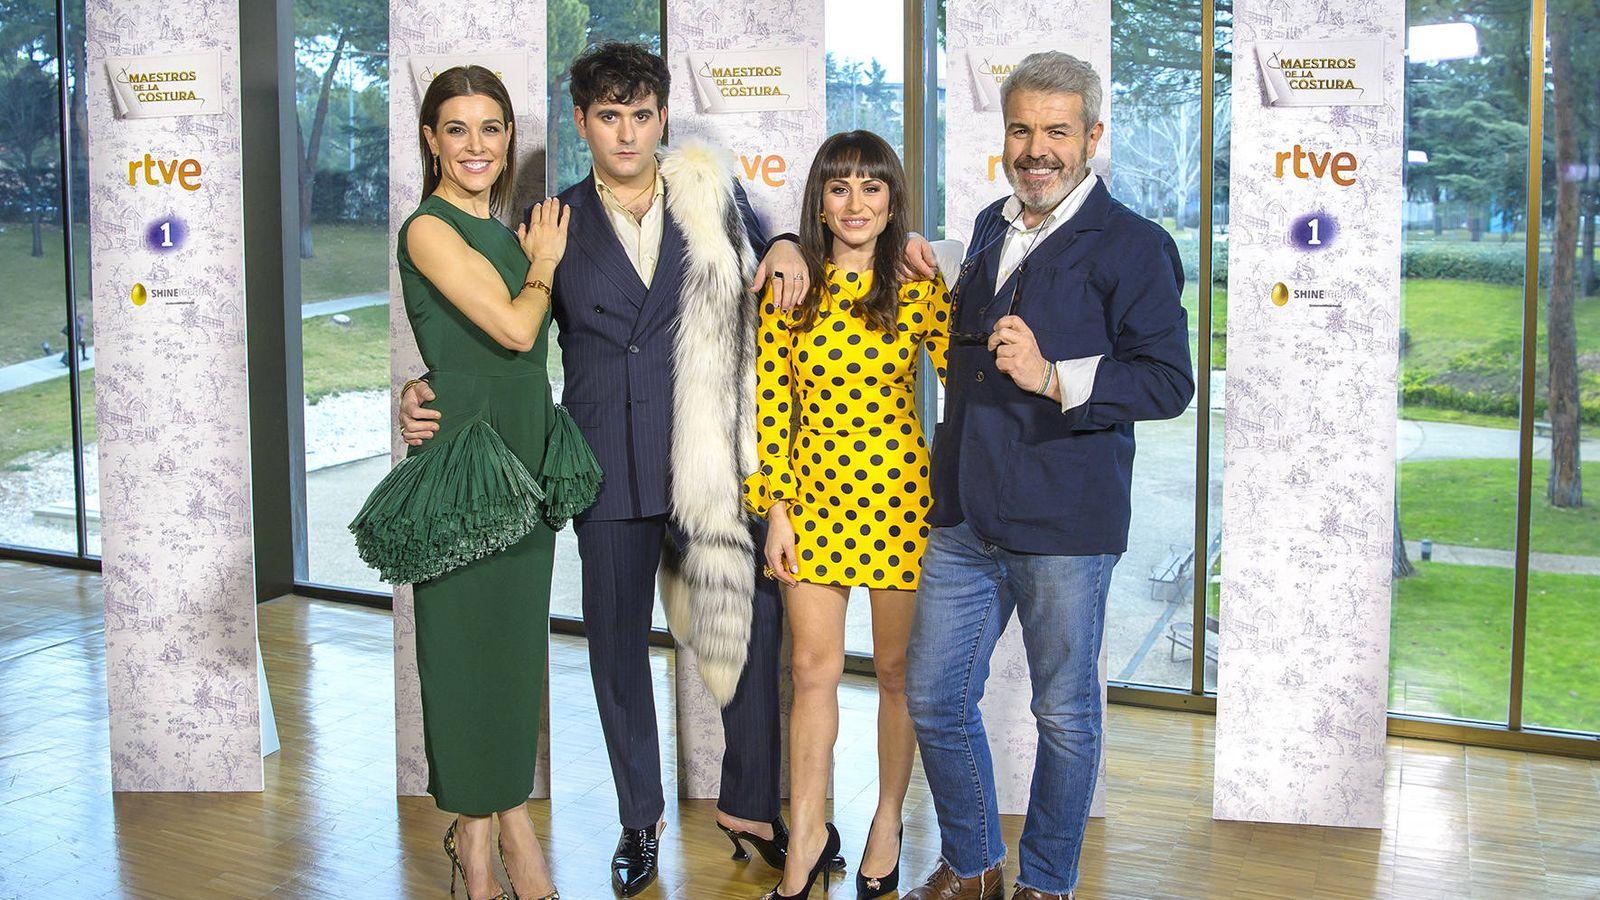 Foto: Presentadora y jurado de 'Maestros de la costura'. (TVE)